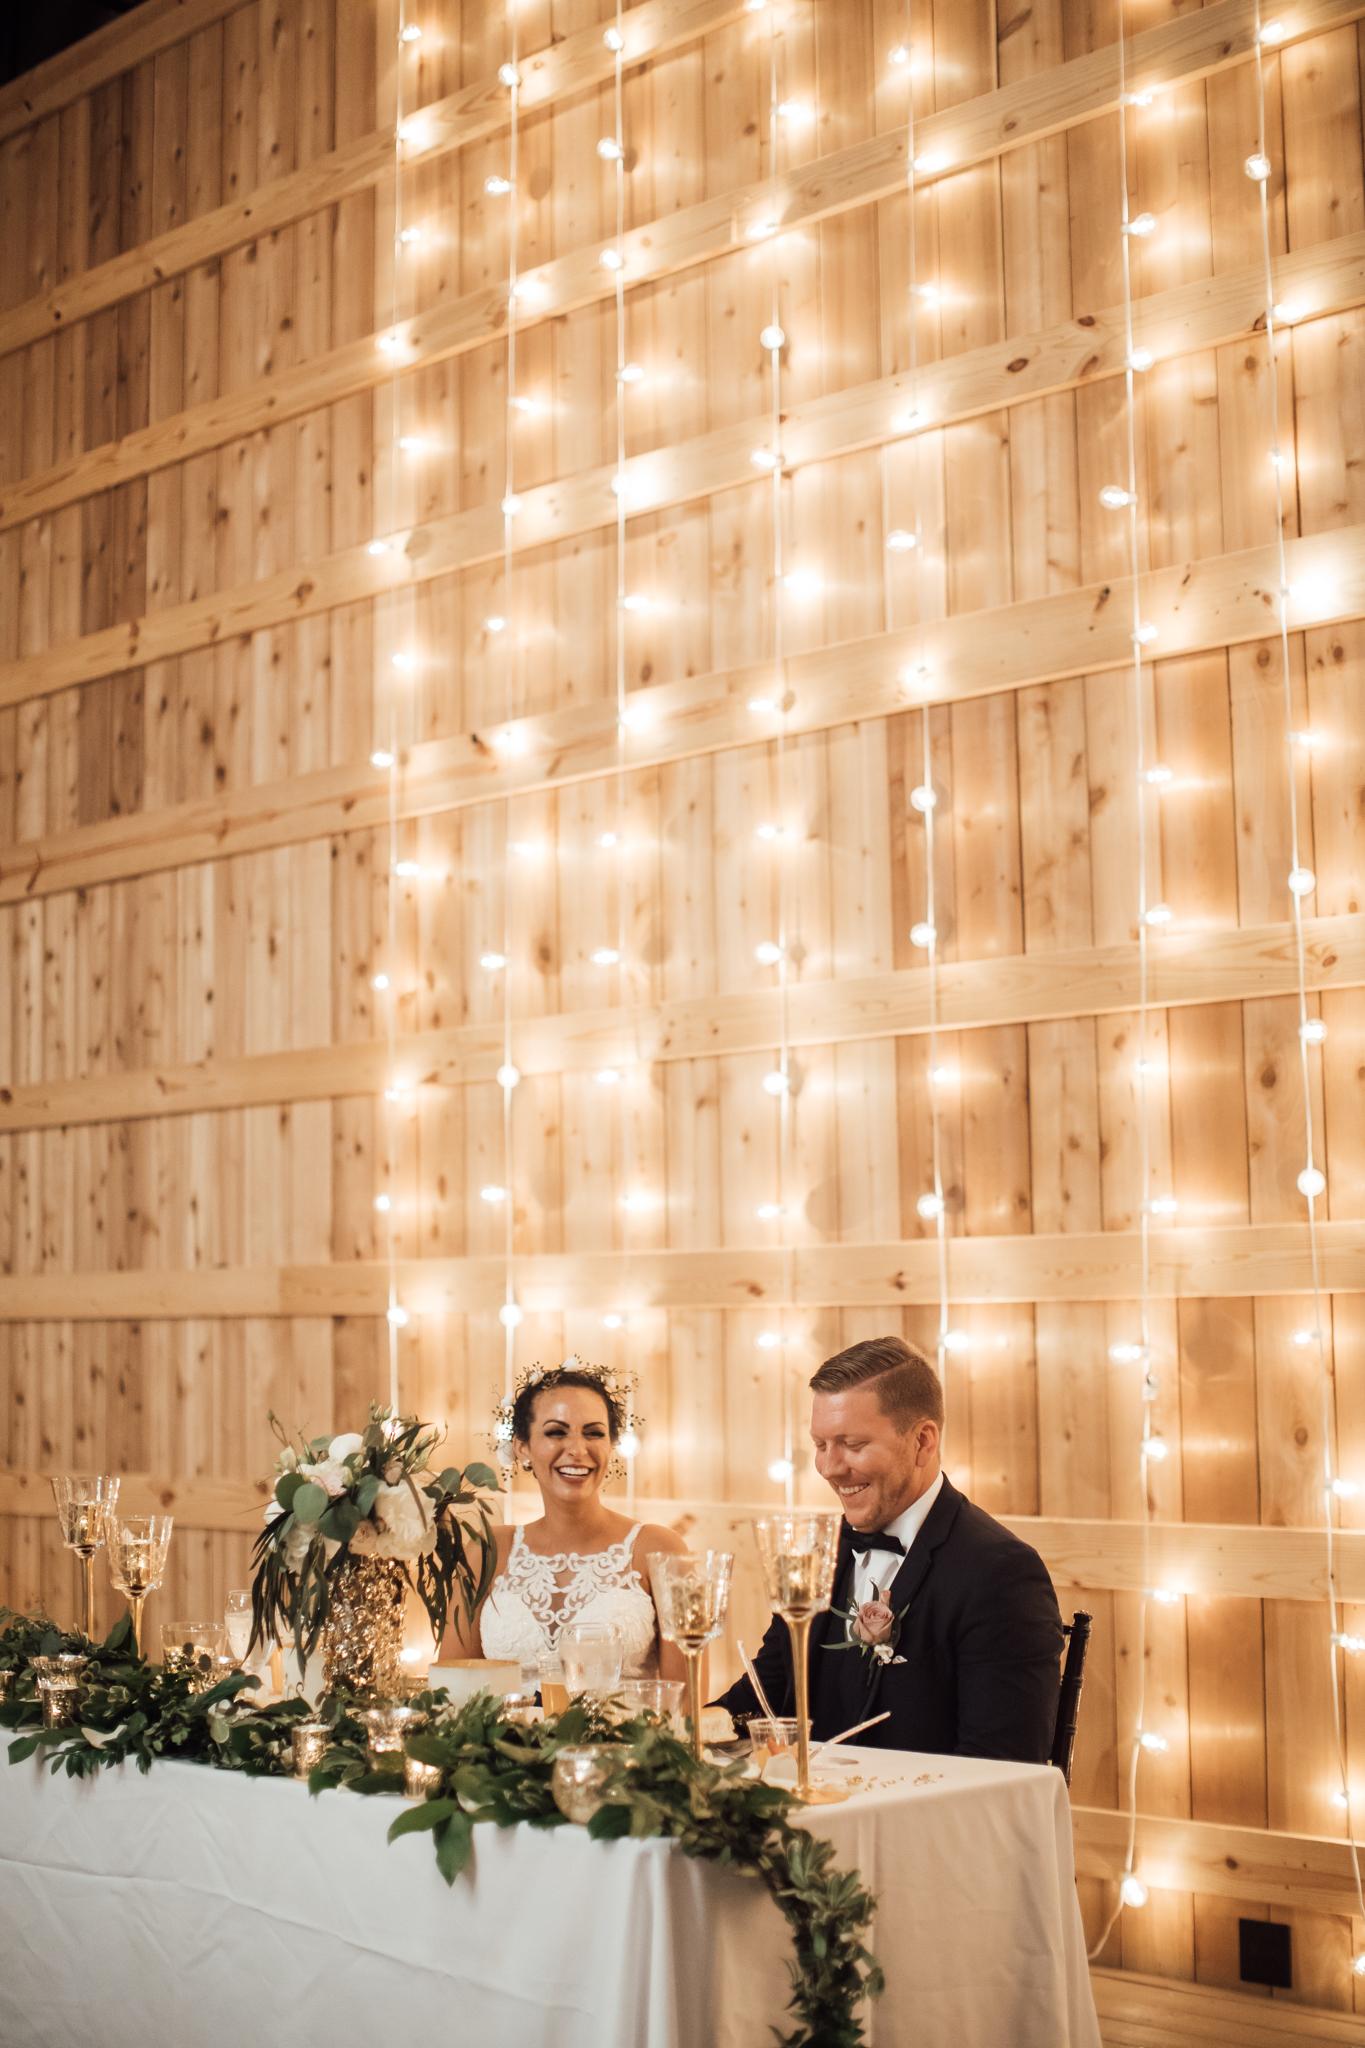 saddlewoodsfarms-nashville-wedding-photographer-thewarmtharoundyou-rustic-wedding (60 of 251).jpg